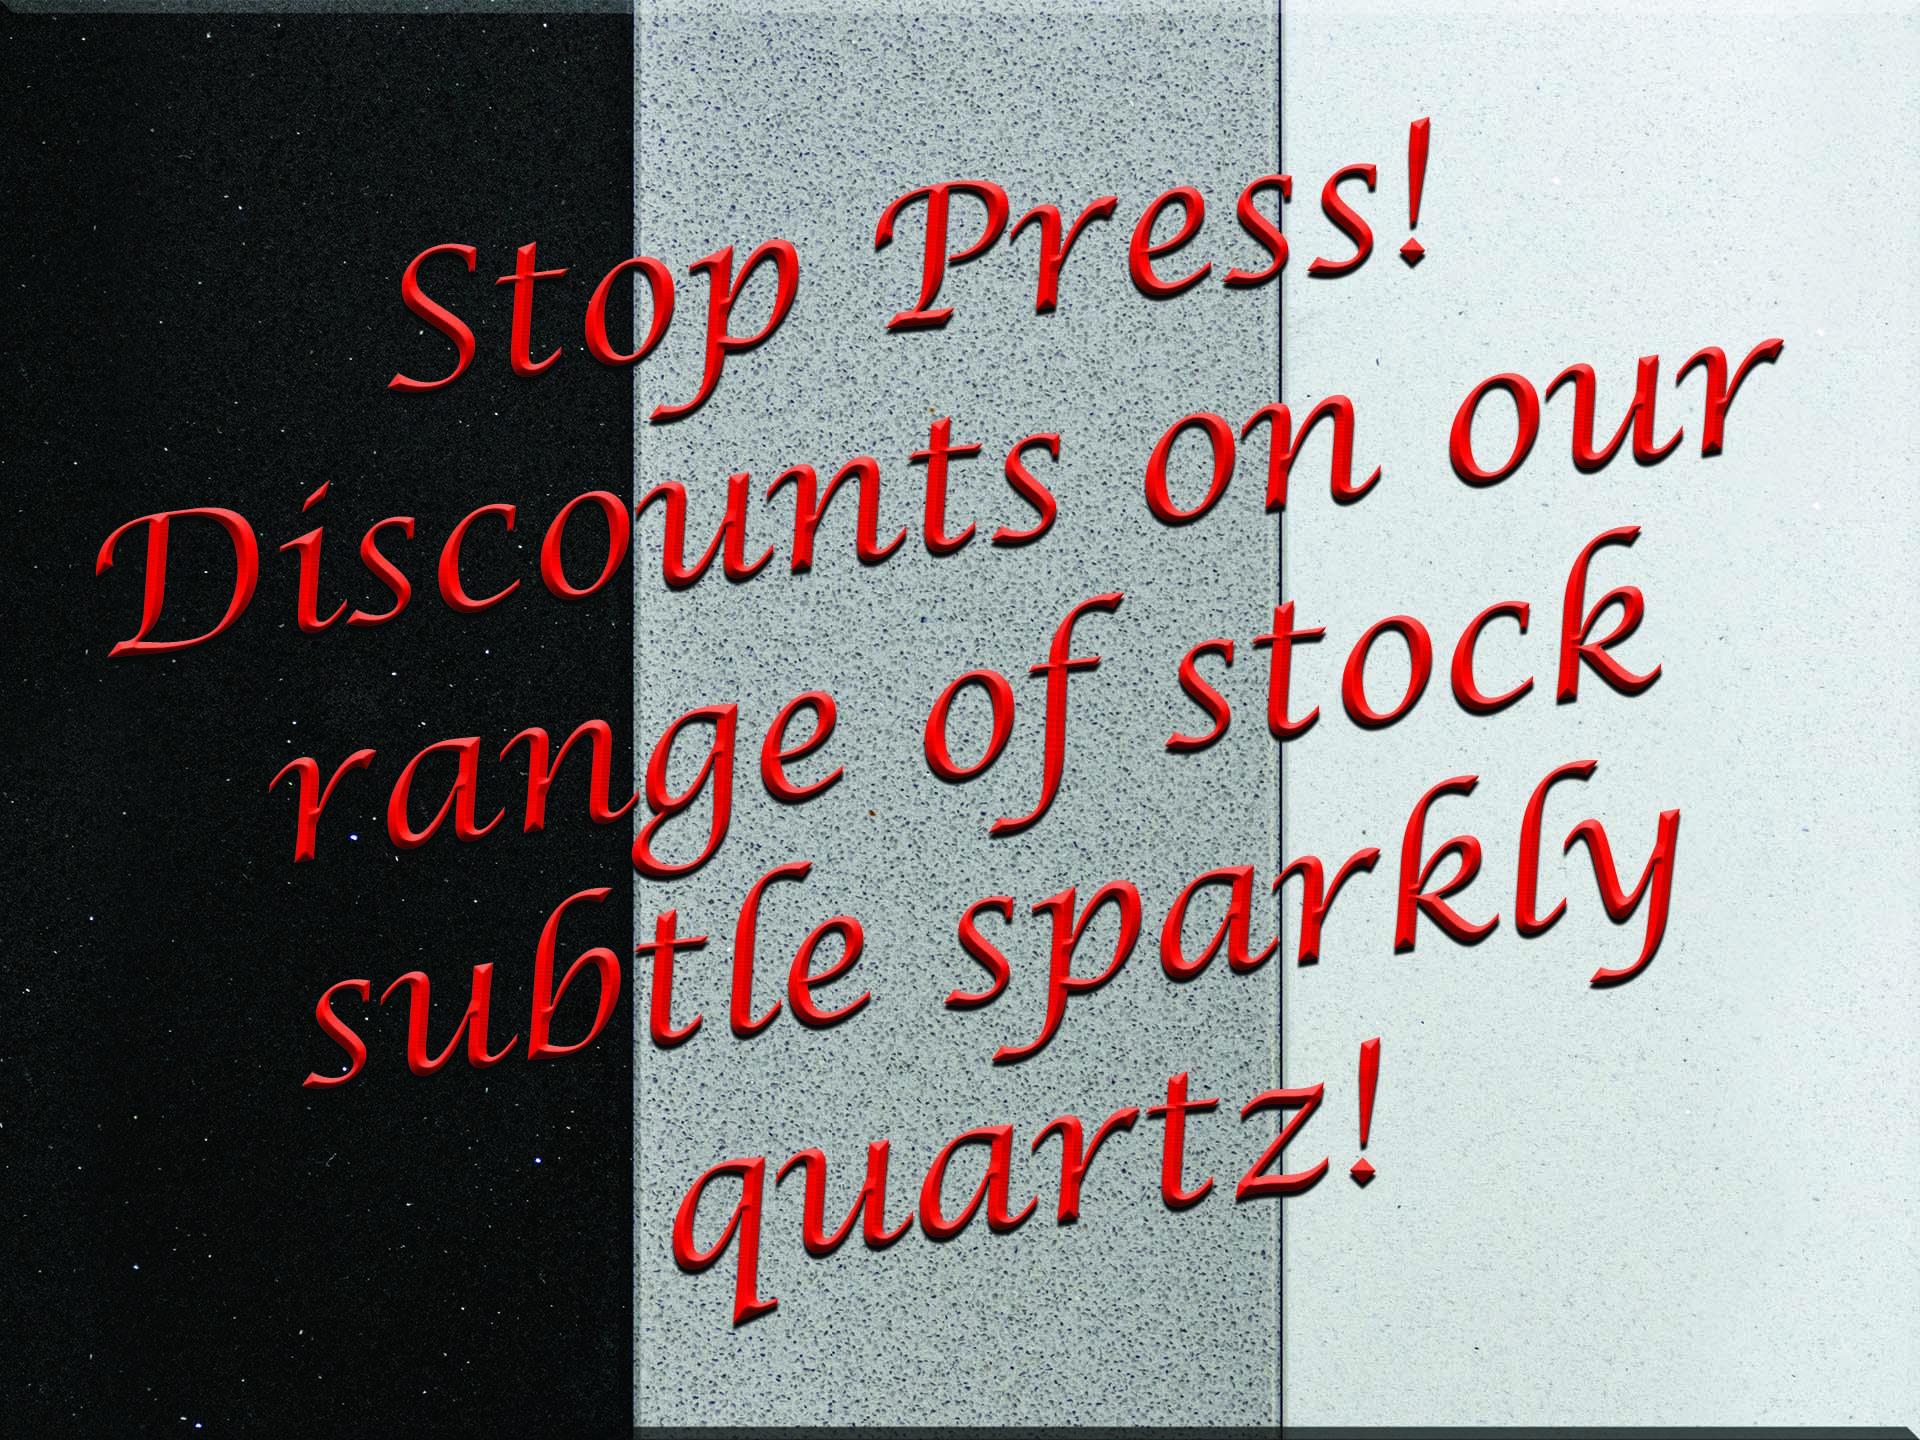 small sparkle quartz special offer